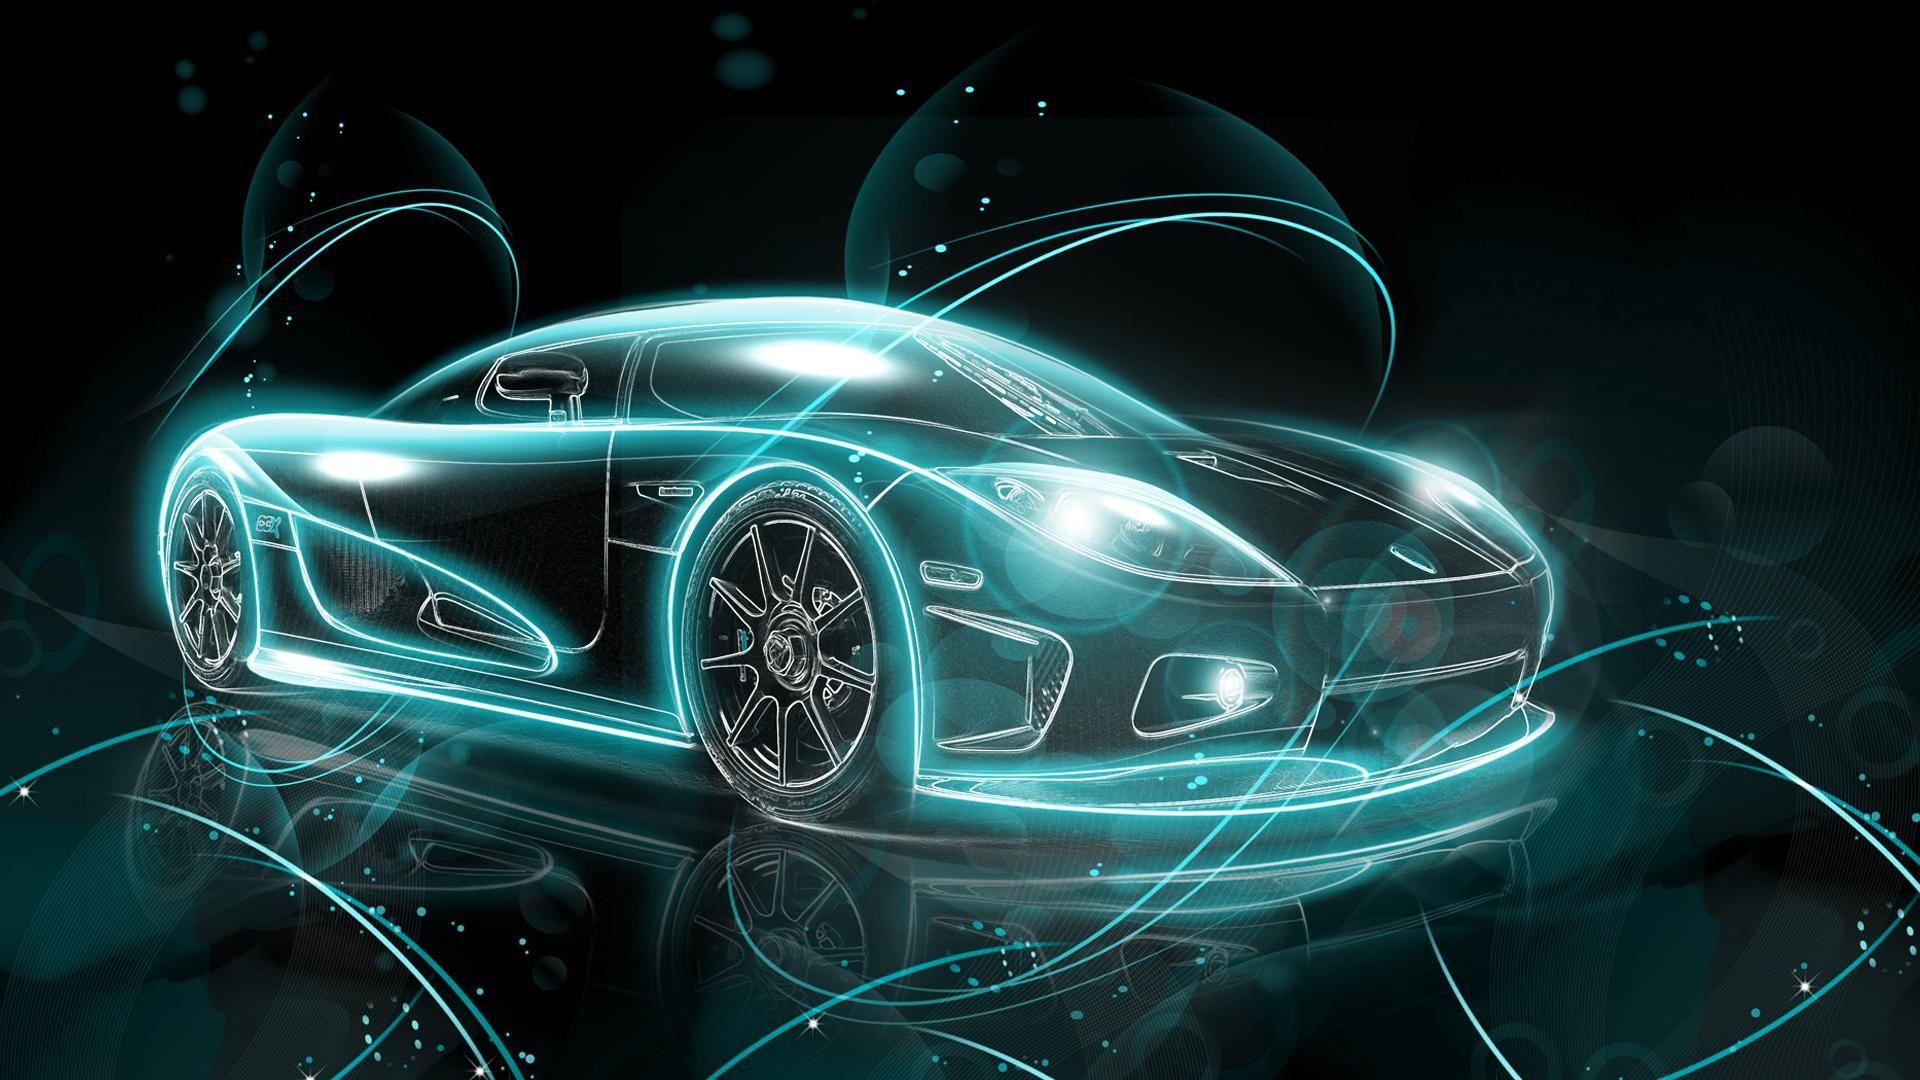 Neon Car Wallpaper Wallpapersafari Neon Car Car Hd Car Wallpapers